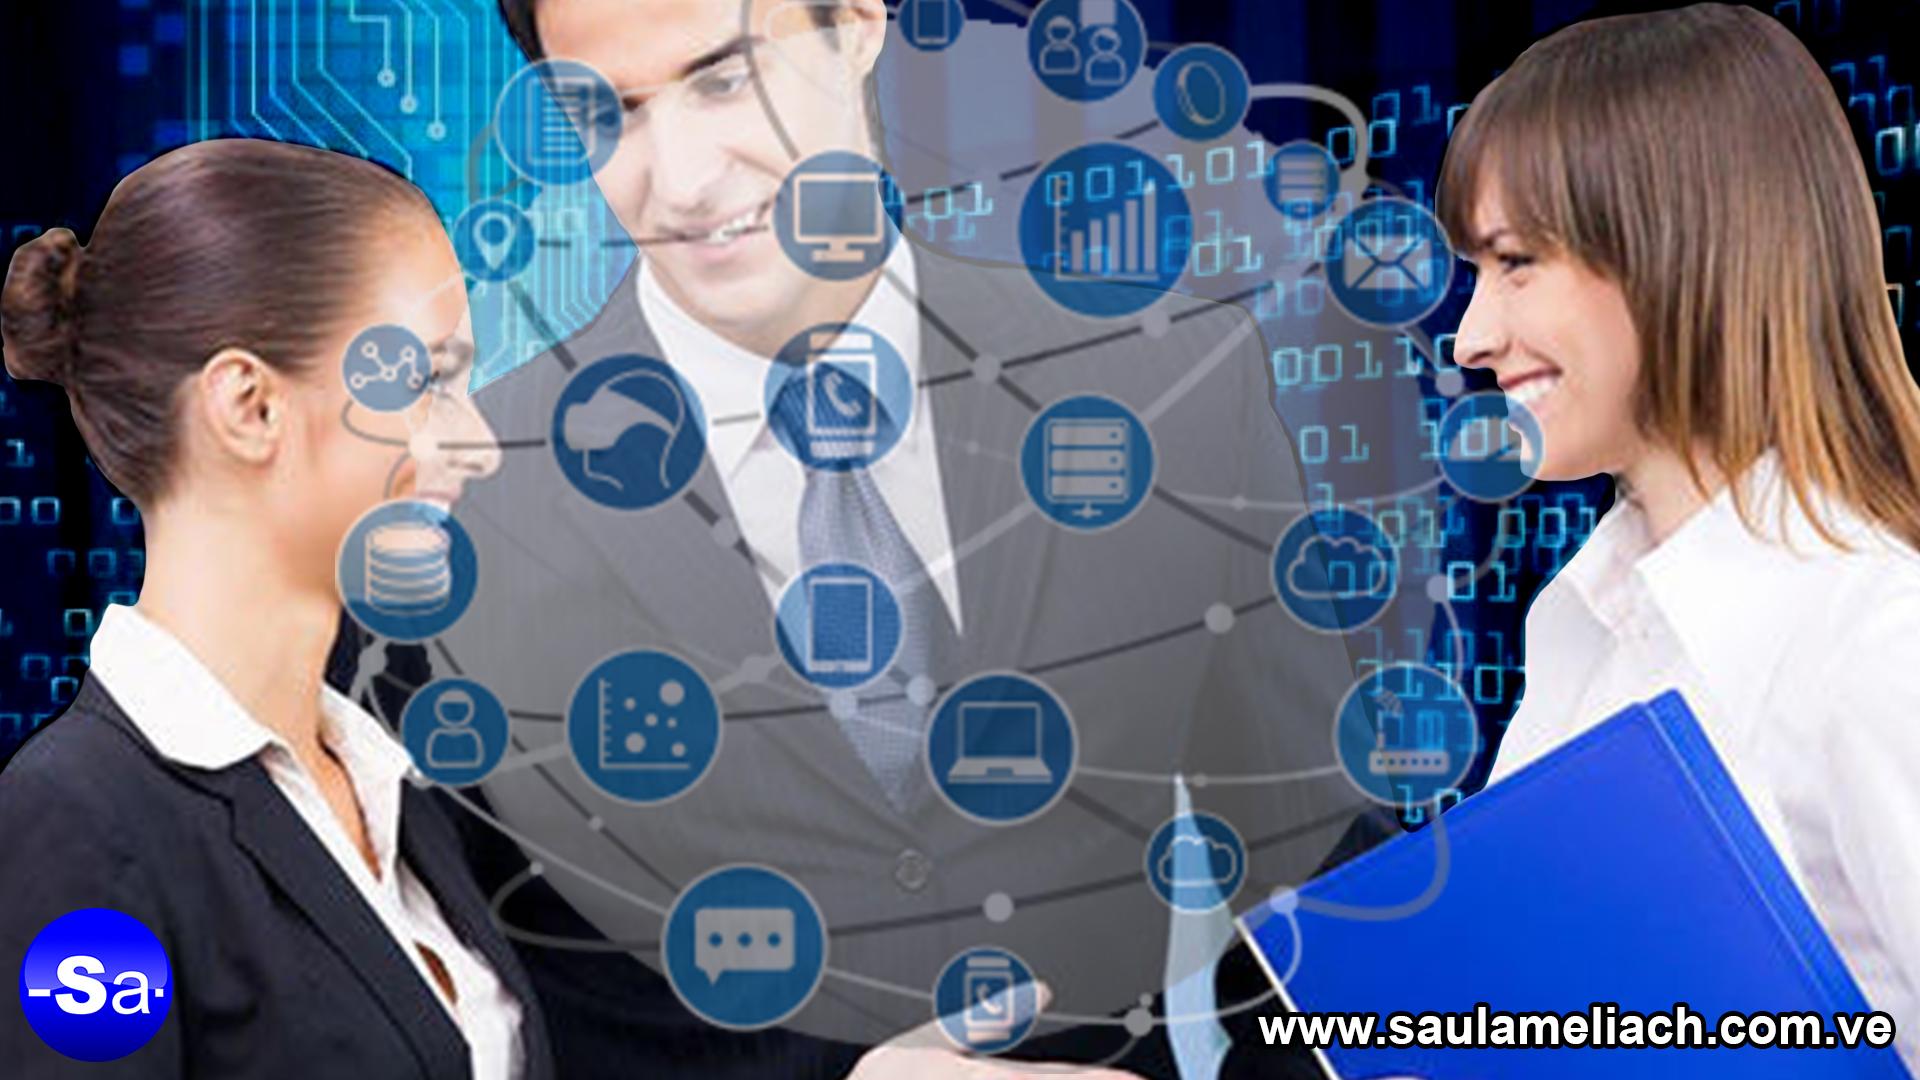 saul ameliach, redes sociales recursos humanos